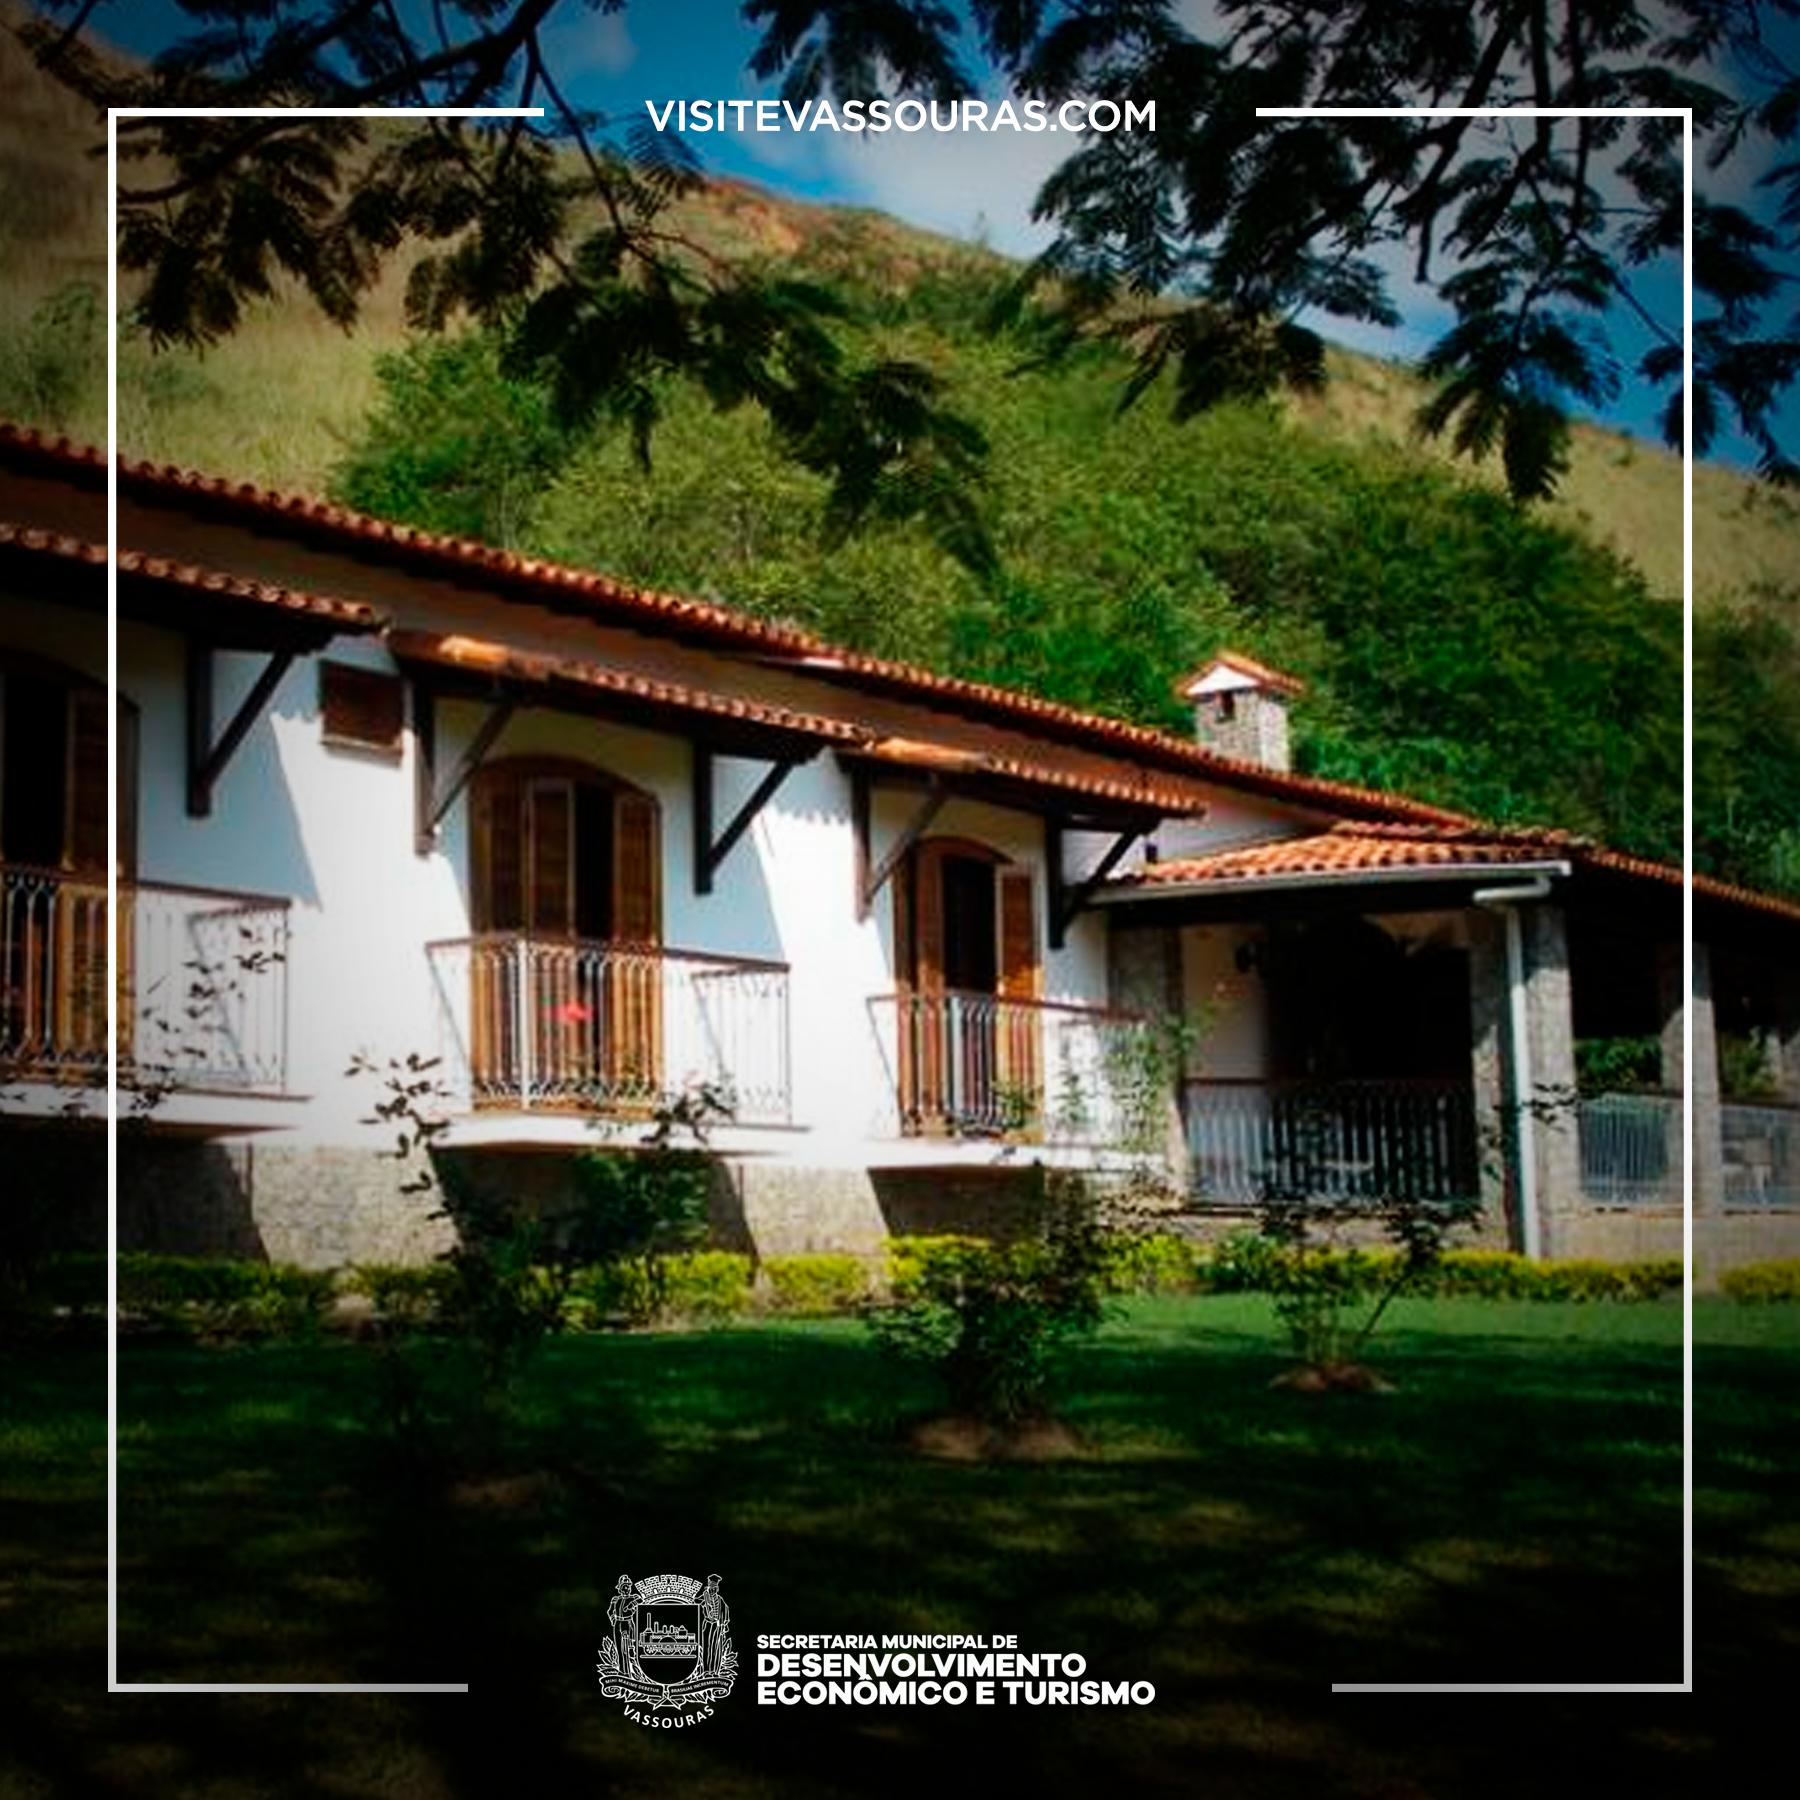 Casa de Memórias General Sombra